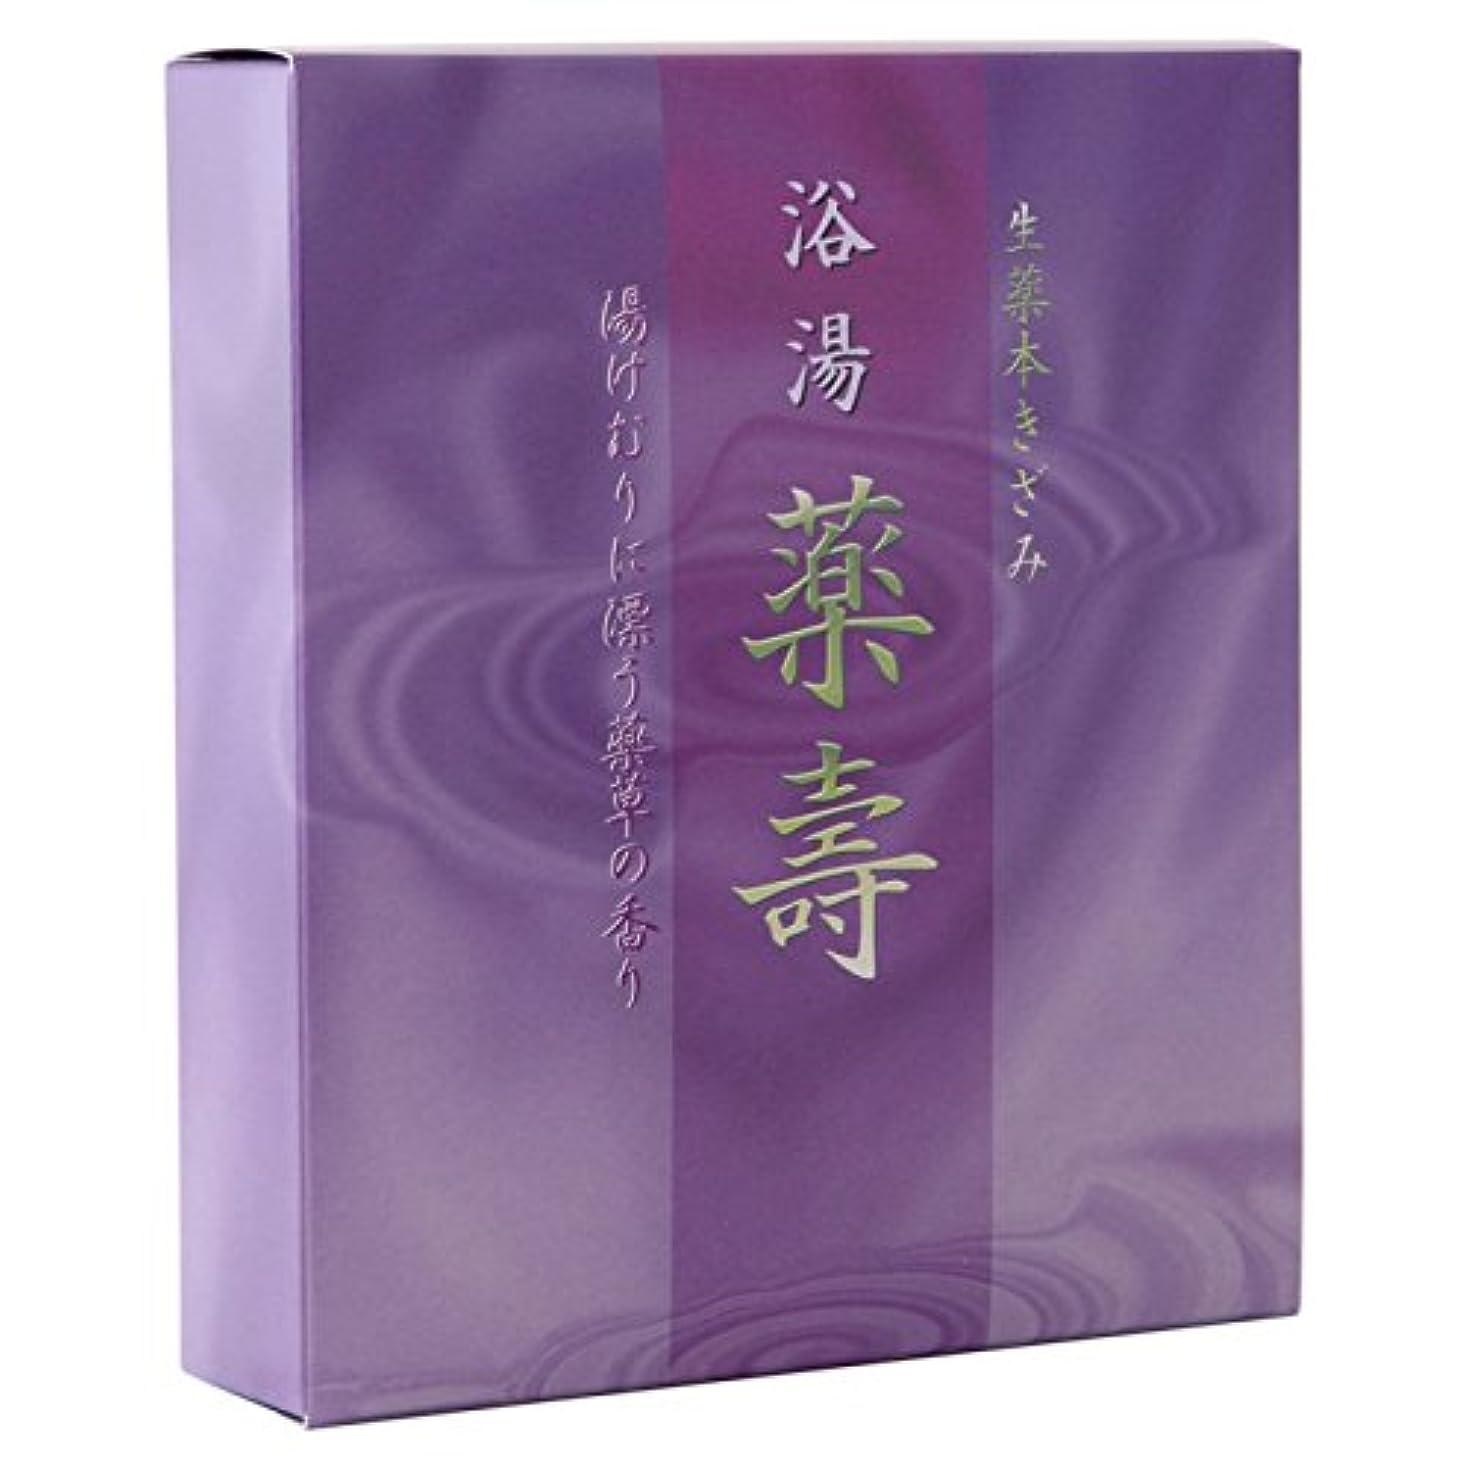 対抗ハロウィンプール浴湯 【薬壽やくじゅ】 生薬本きざみ ~5箱(25包)セット~